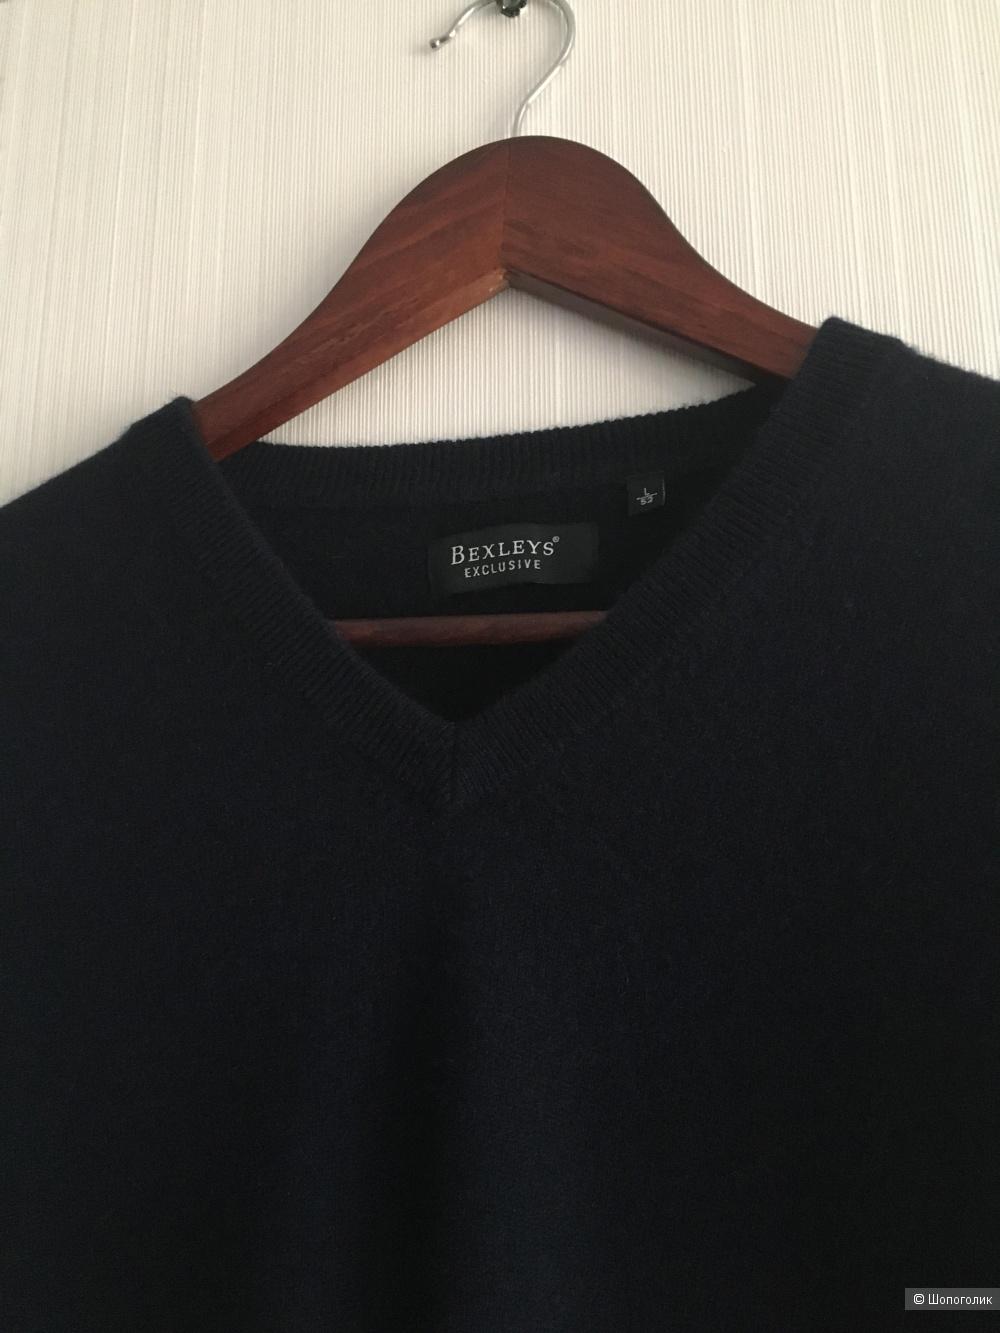 Пуловер бренда Bexleys, шерсть мериноса - кашемир, размер L